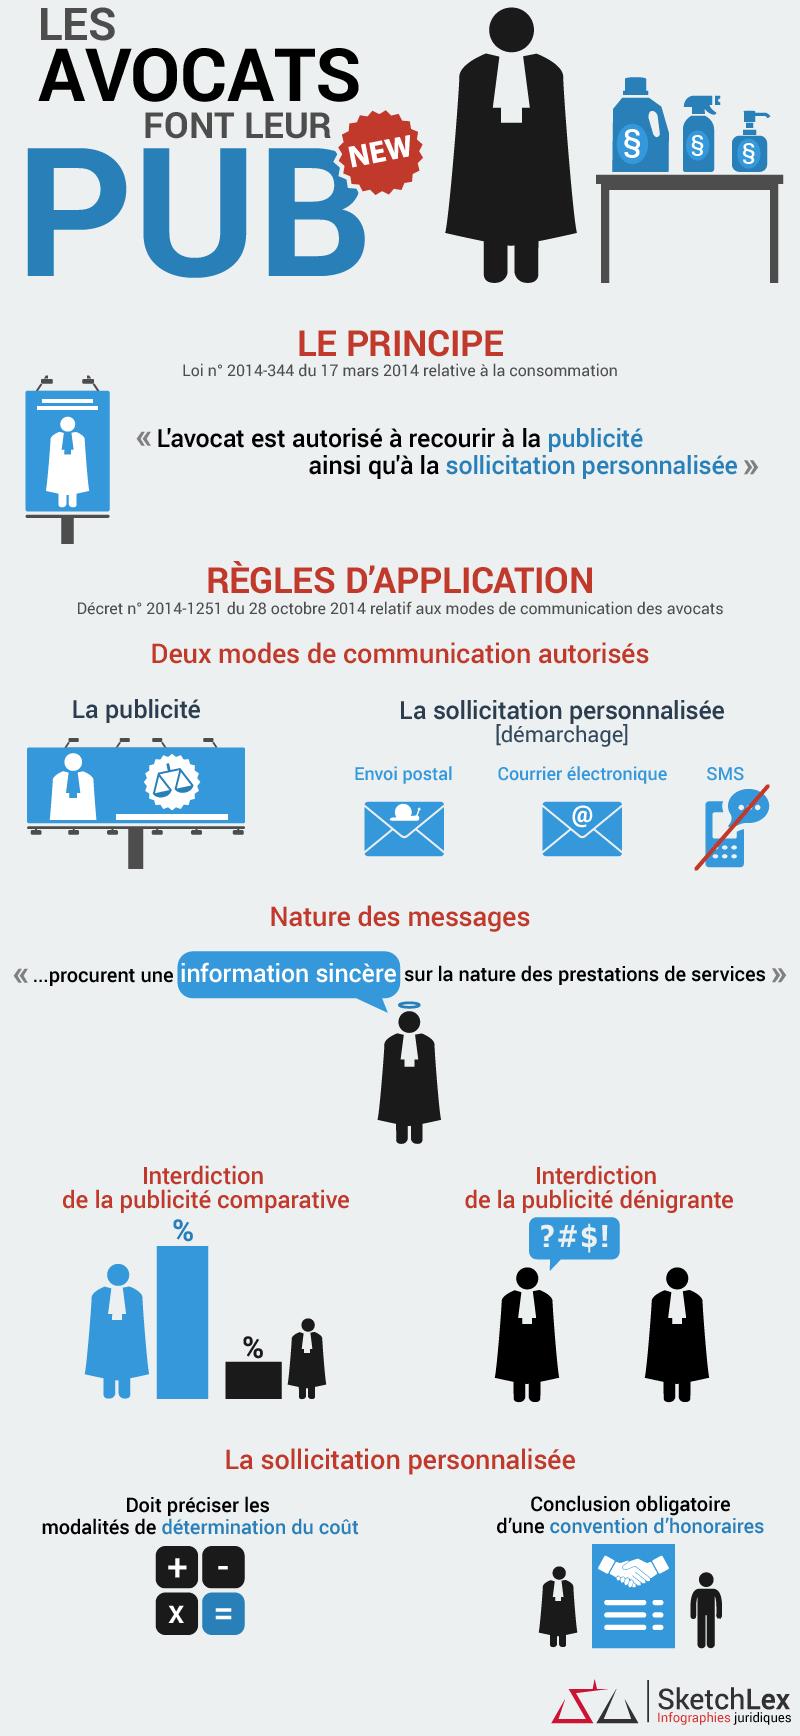 Infographie sur les avocats et la publicité